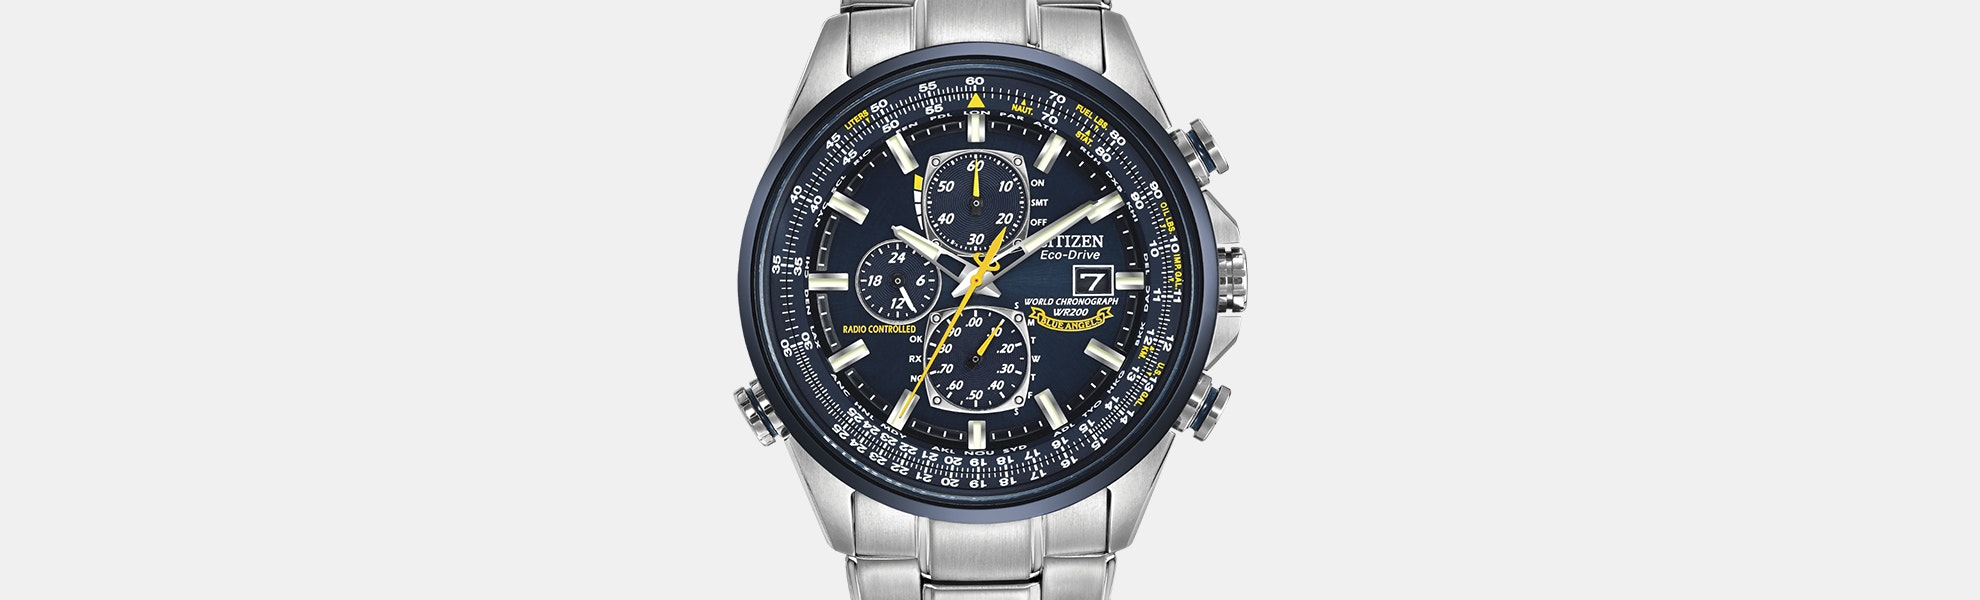 Citizen World Chronograph A-T Solar Watch